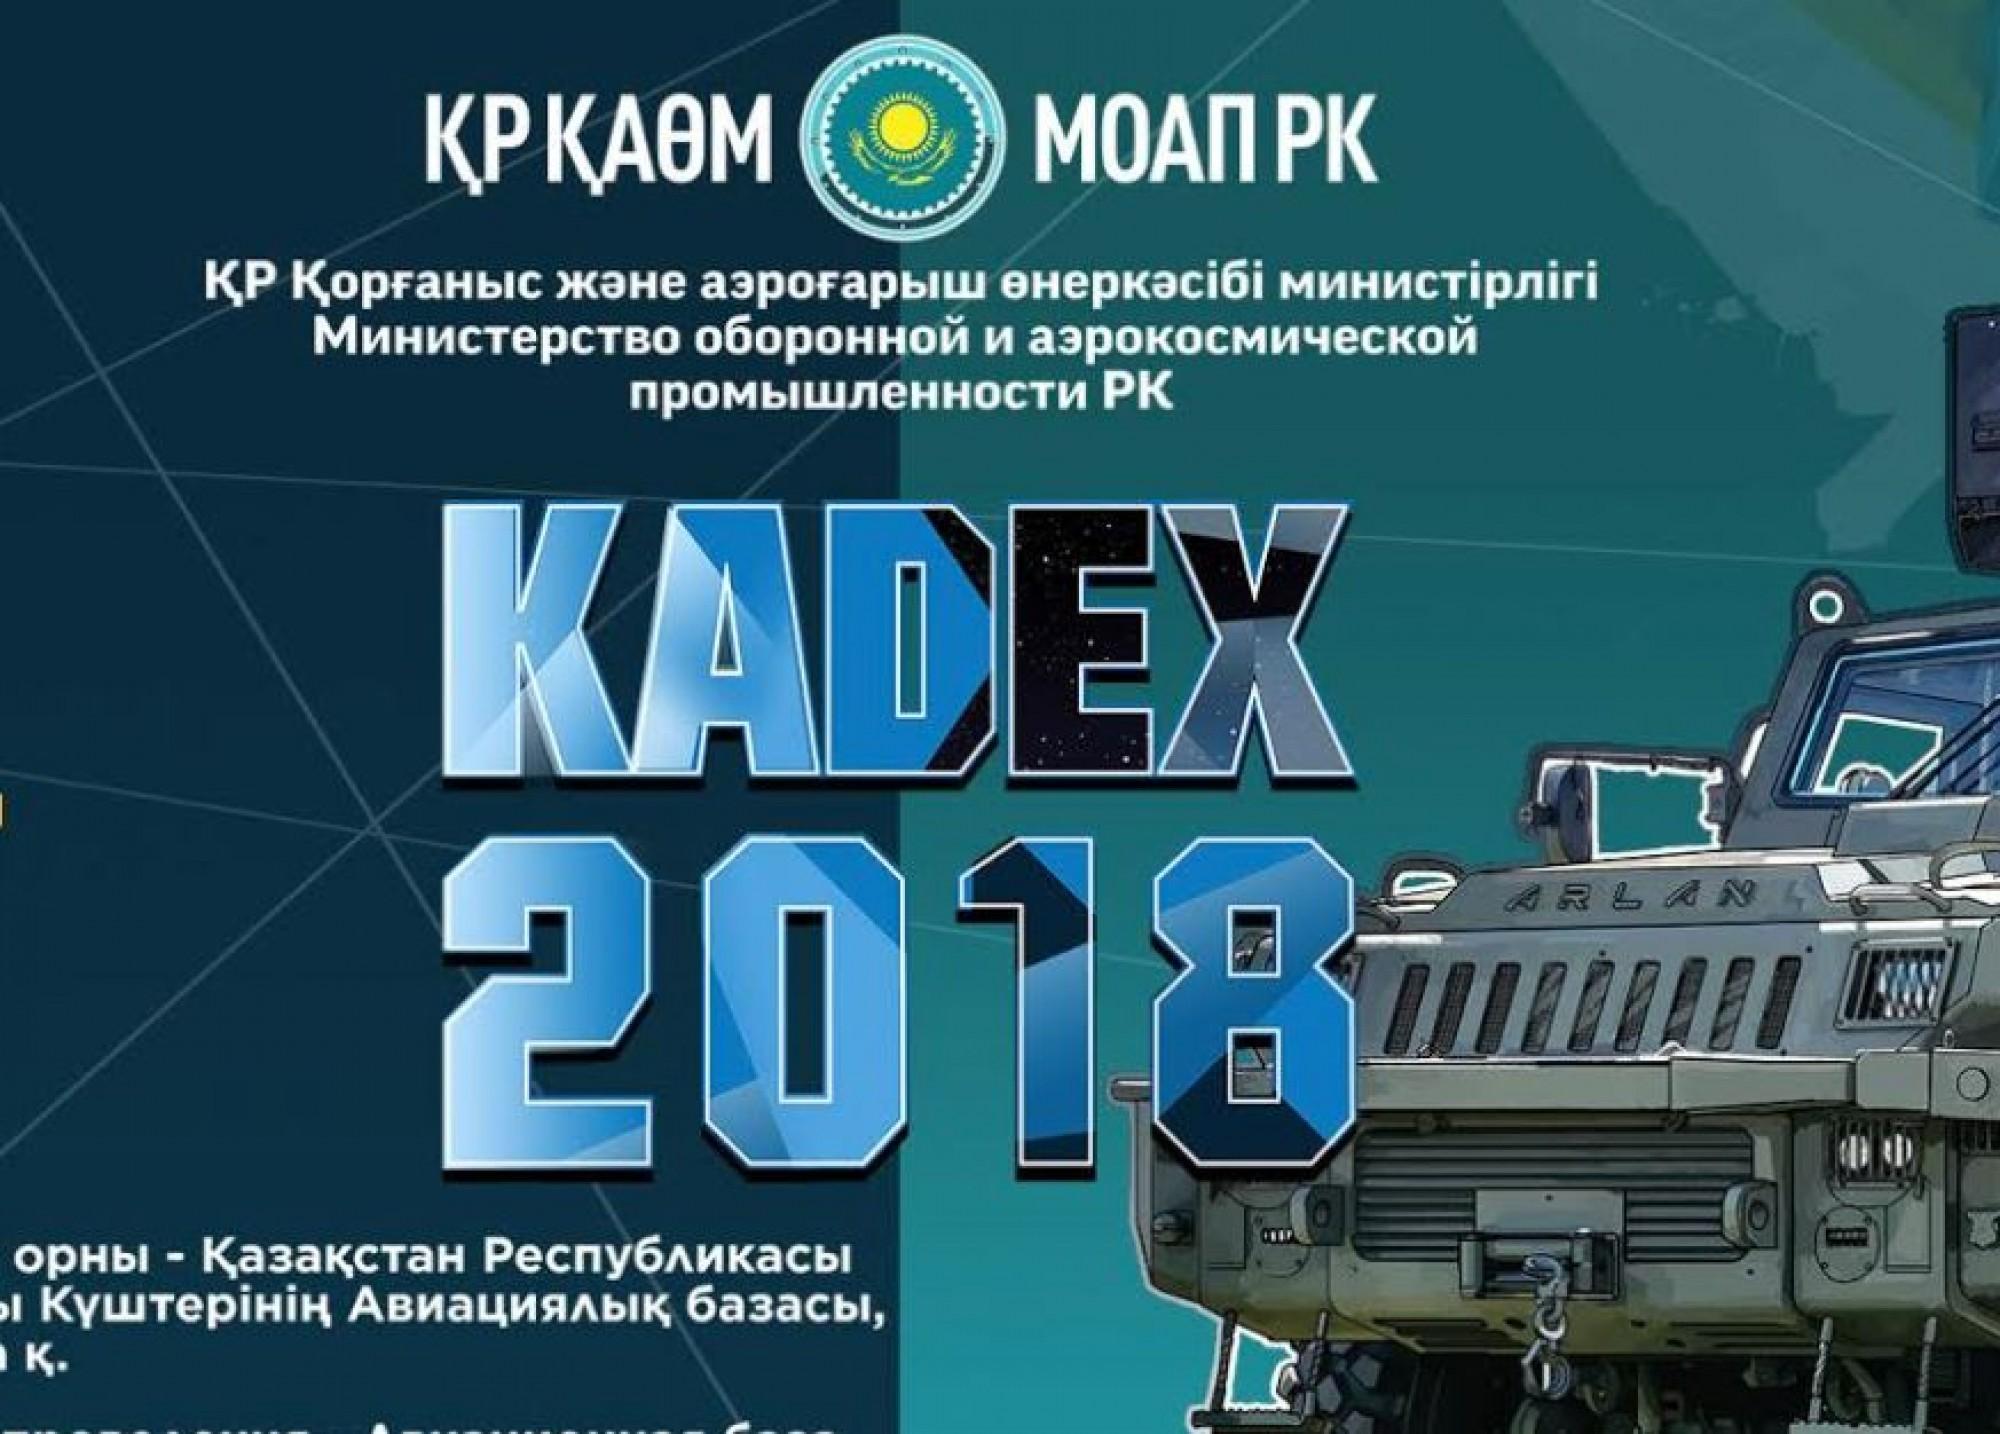 Астанада «KADEX - 2018» көрмесі өтеді